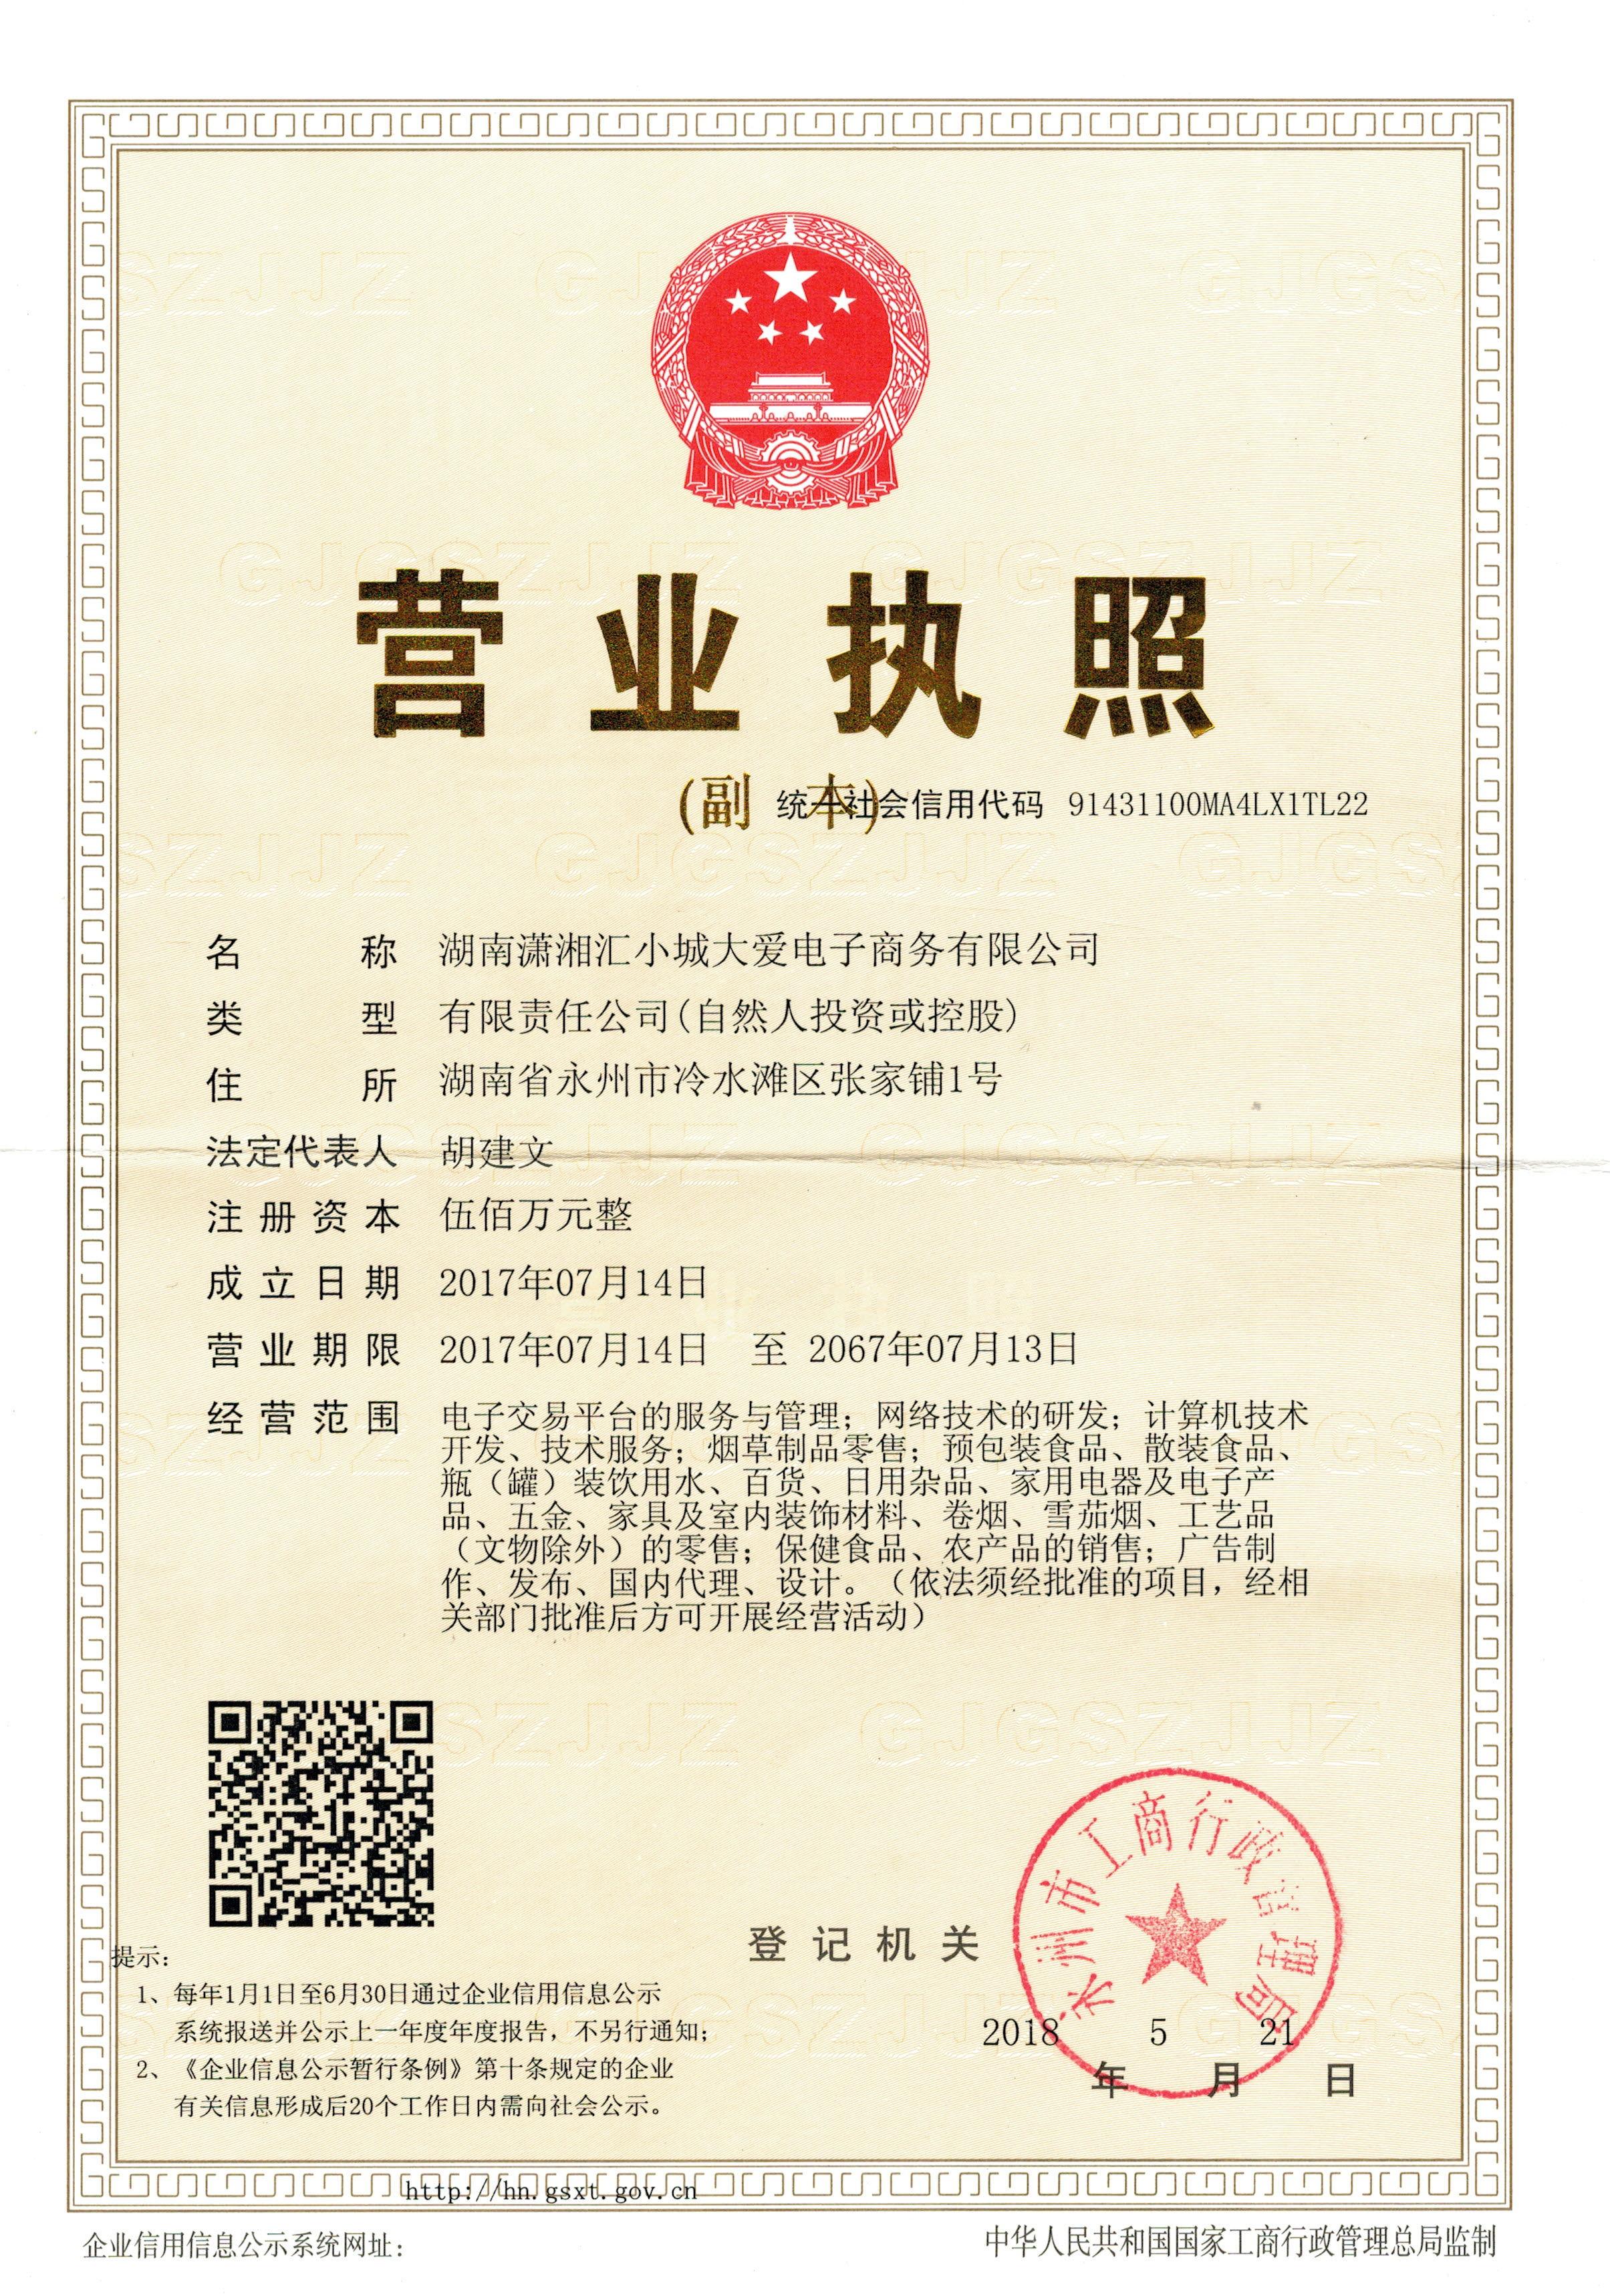 湖南潇湘汇小城大爱电子商务有限公司